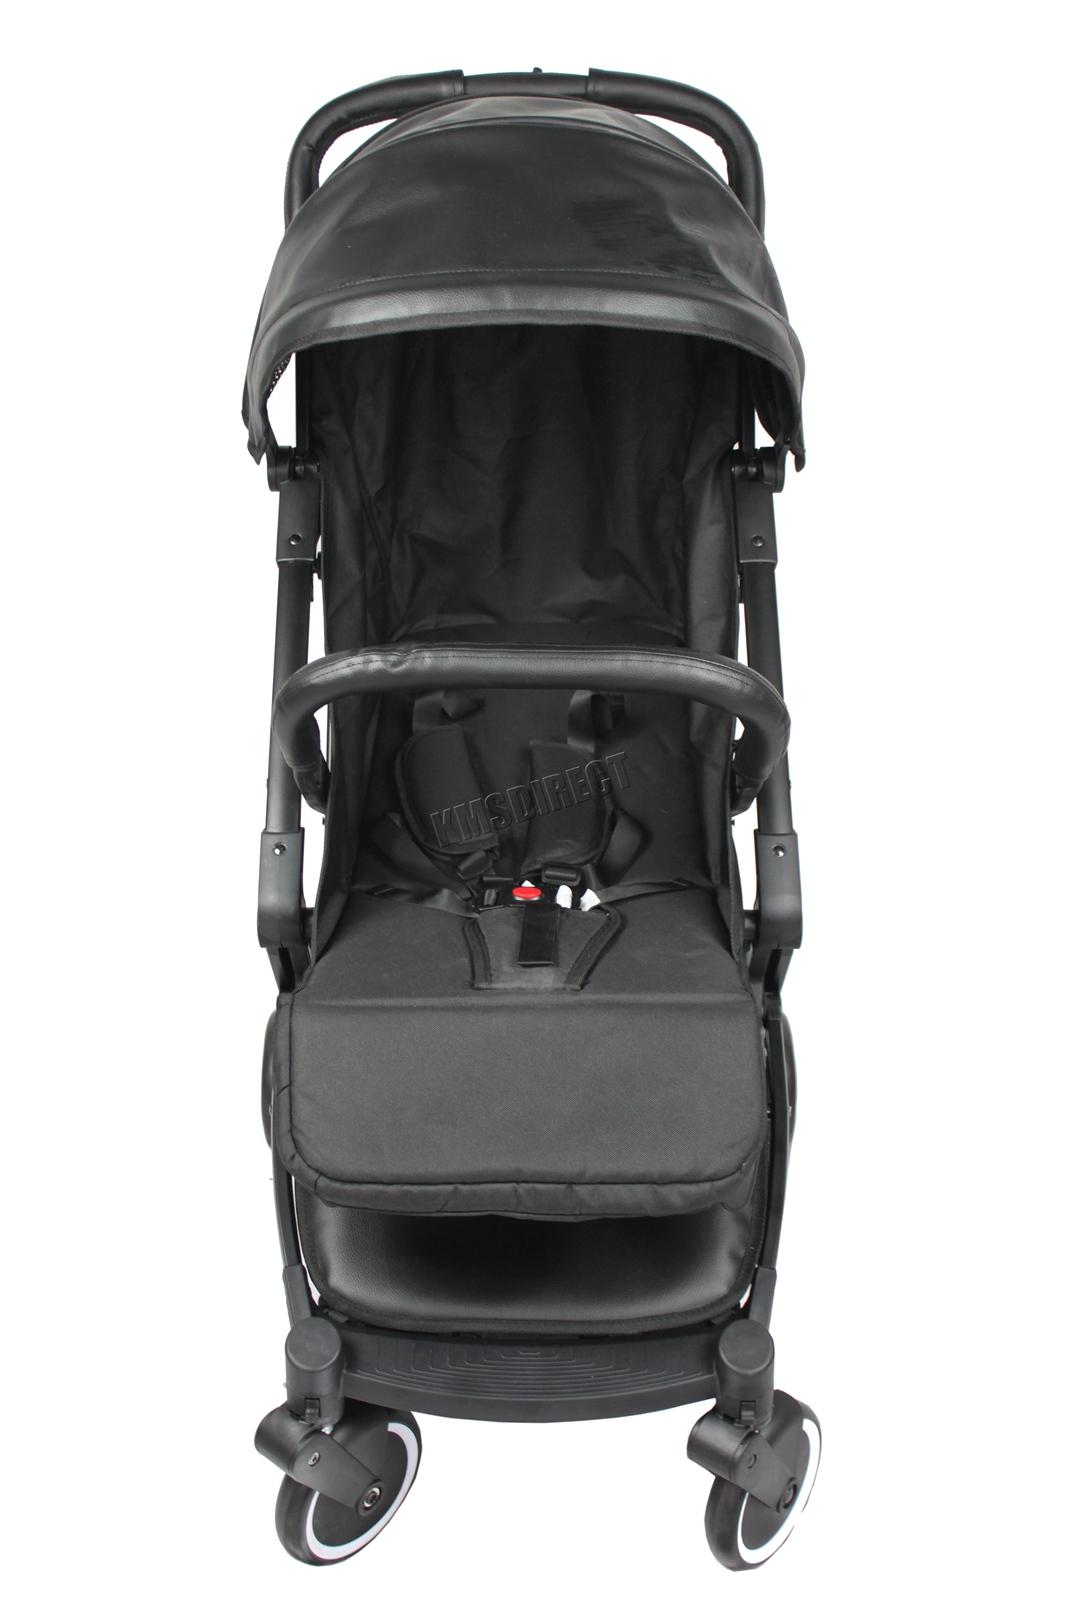 Foxhunter Faltbar Baby Kinderwagen Kinderwagen Kleinkind Buggy Verstellbar Bs03